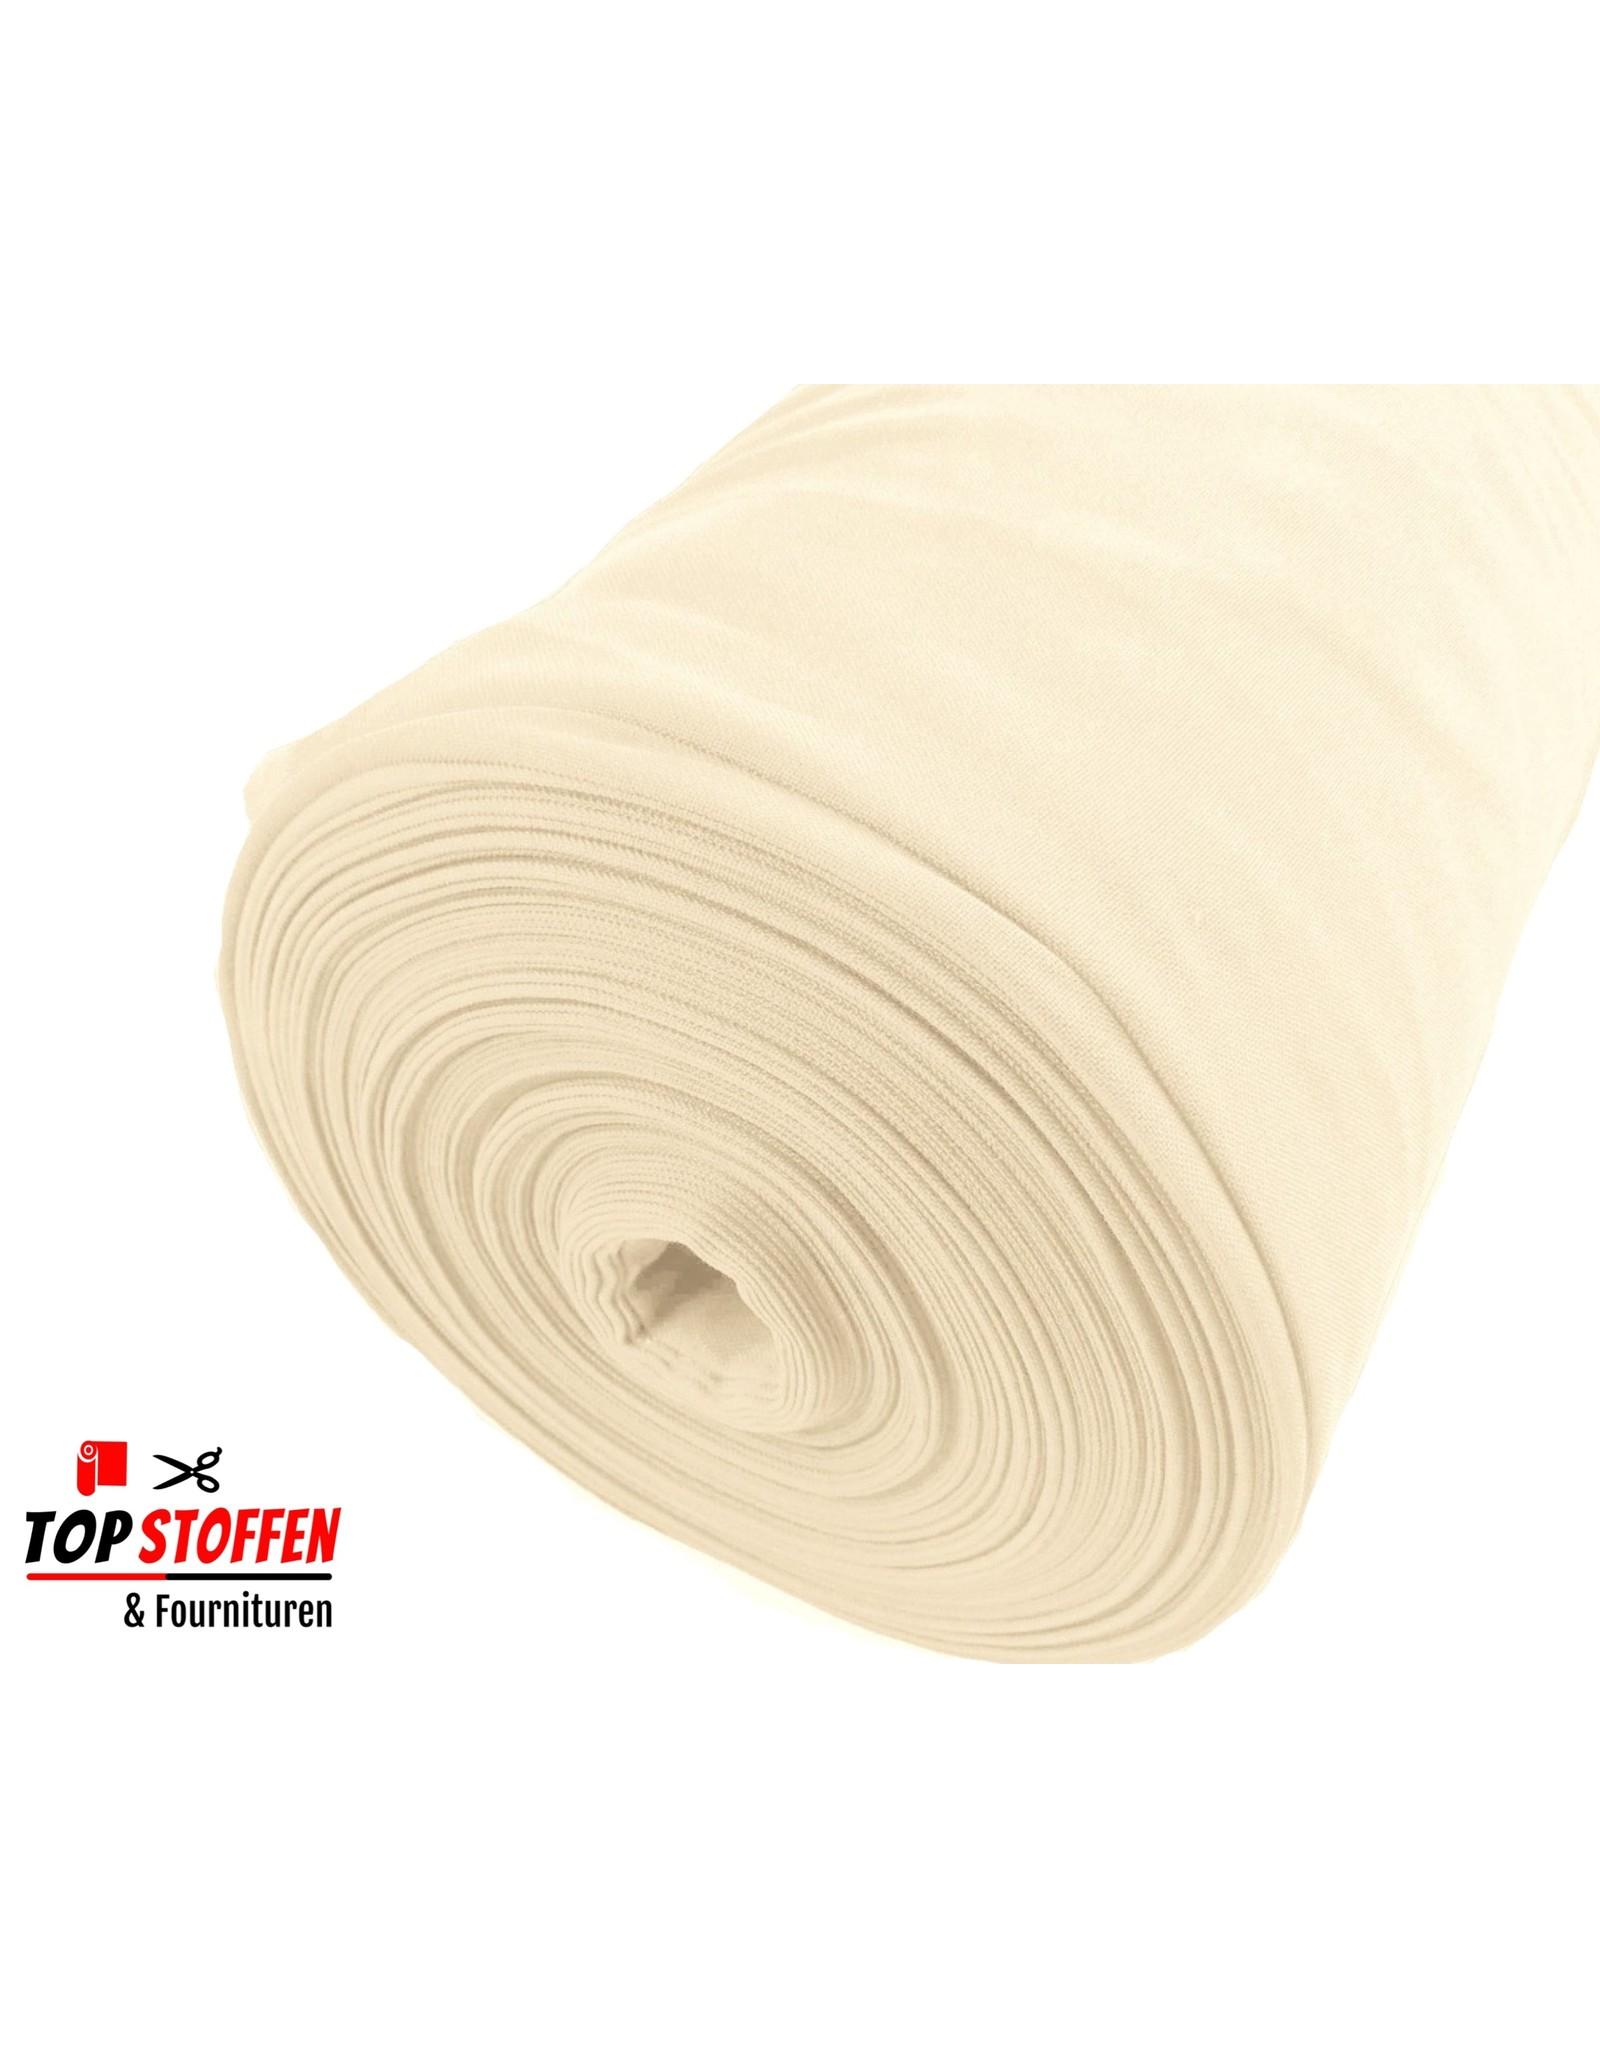 Allround Fabric 280 cm - Ecru